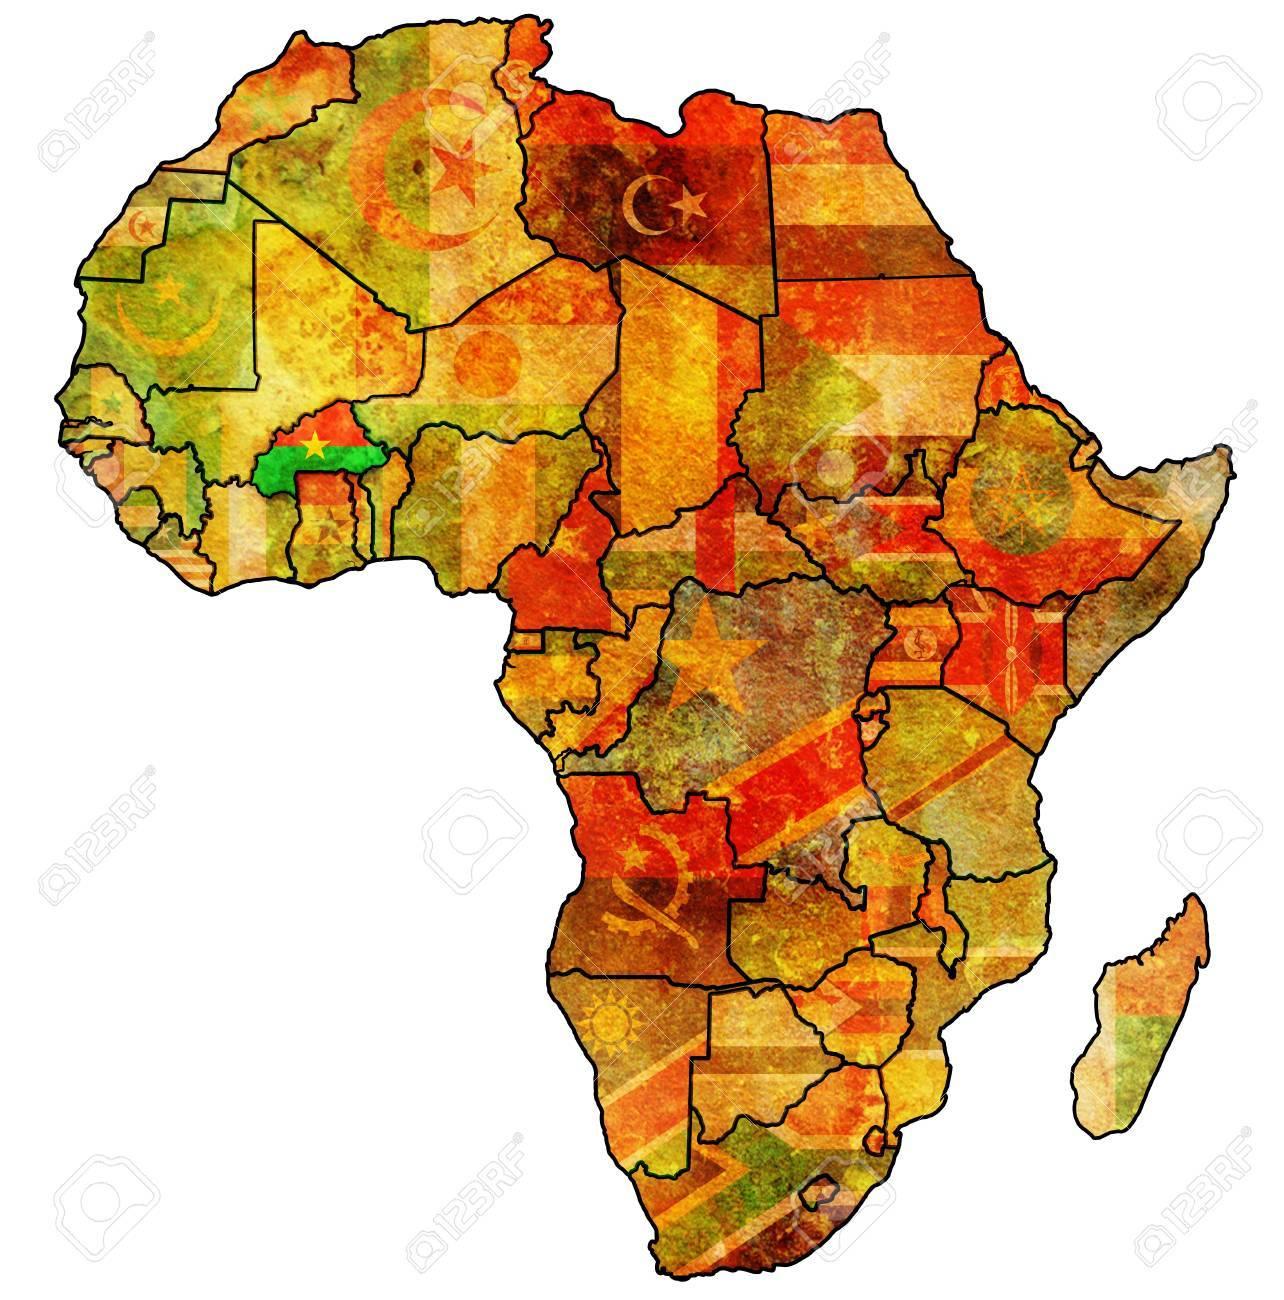 Carte Afrique Burkina Faso.Burkina Faso Sur La Carte Politique Reelle Millesime De L Afrique Avec Des Drapeaux